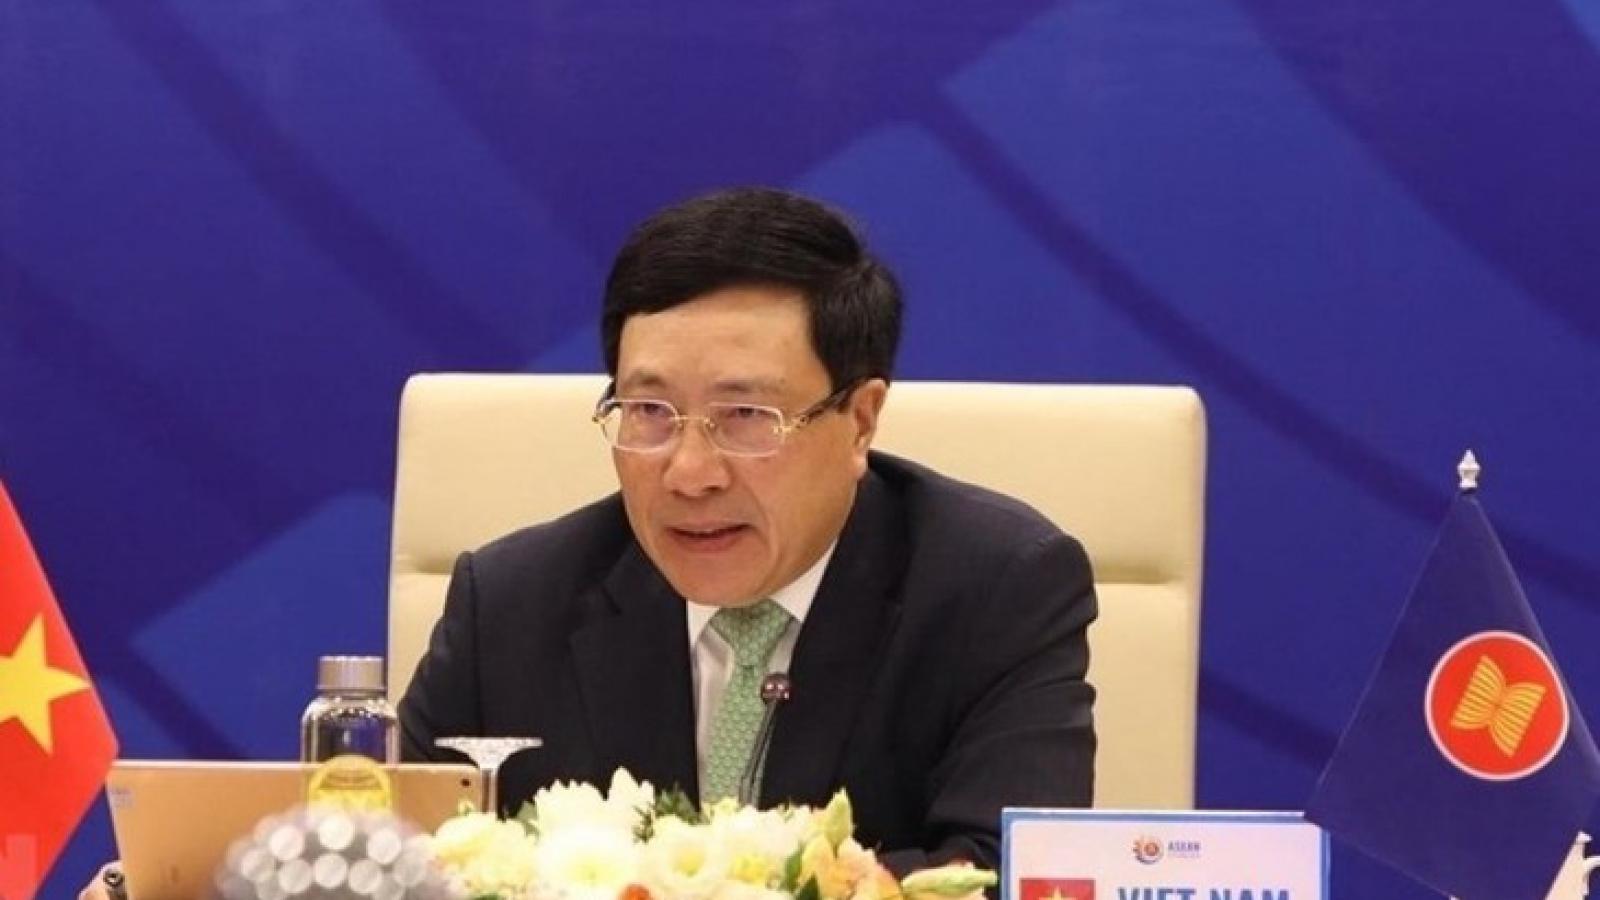 Hội nghị Bộ trưởng Ngoại giao Asean và Trung Quốc, Nhật Bản, Hàn Quốc thành công tốt đẹp